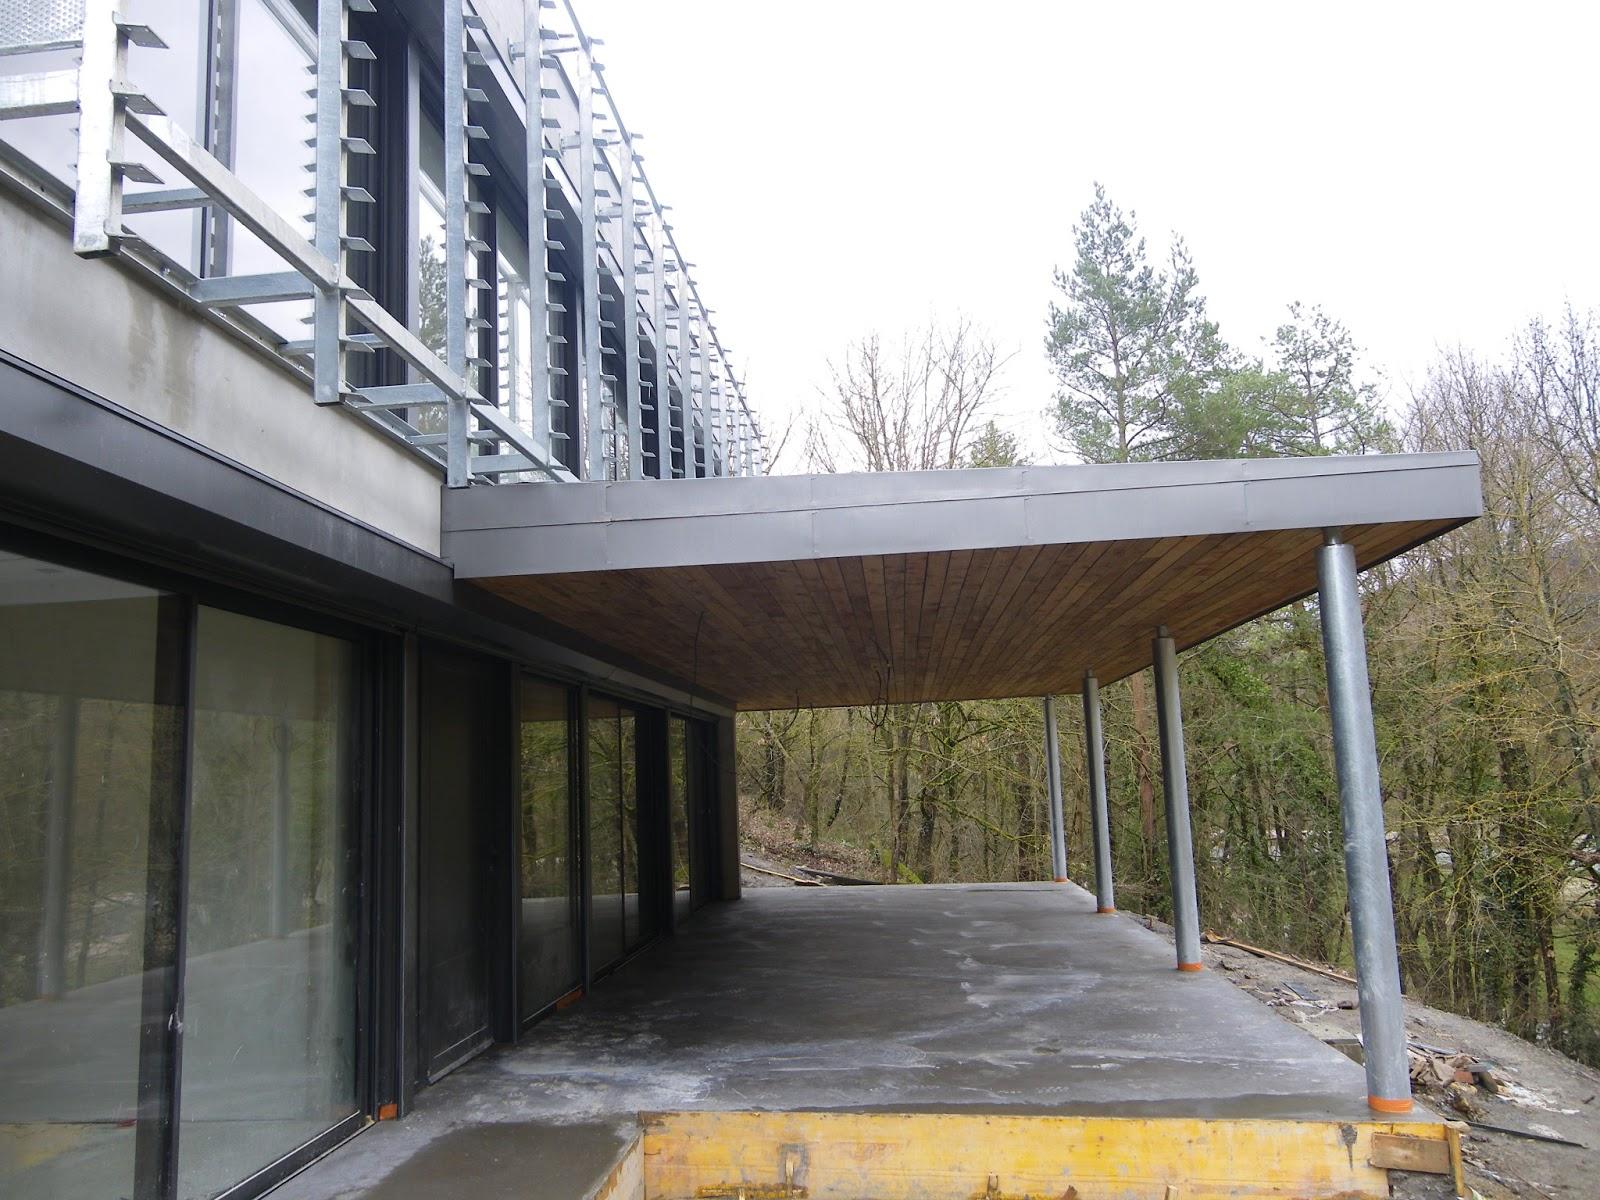 terrasse couverte design elegant maison terrasse couverte zimerfrei com id es de design pour. Black Bedroom Furniture Sets. Home Design Ideas